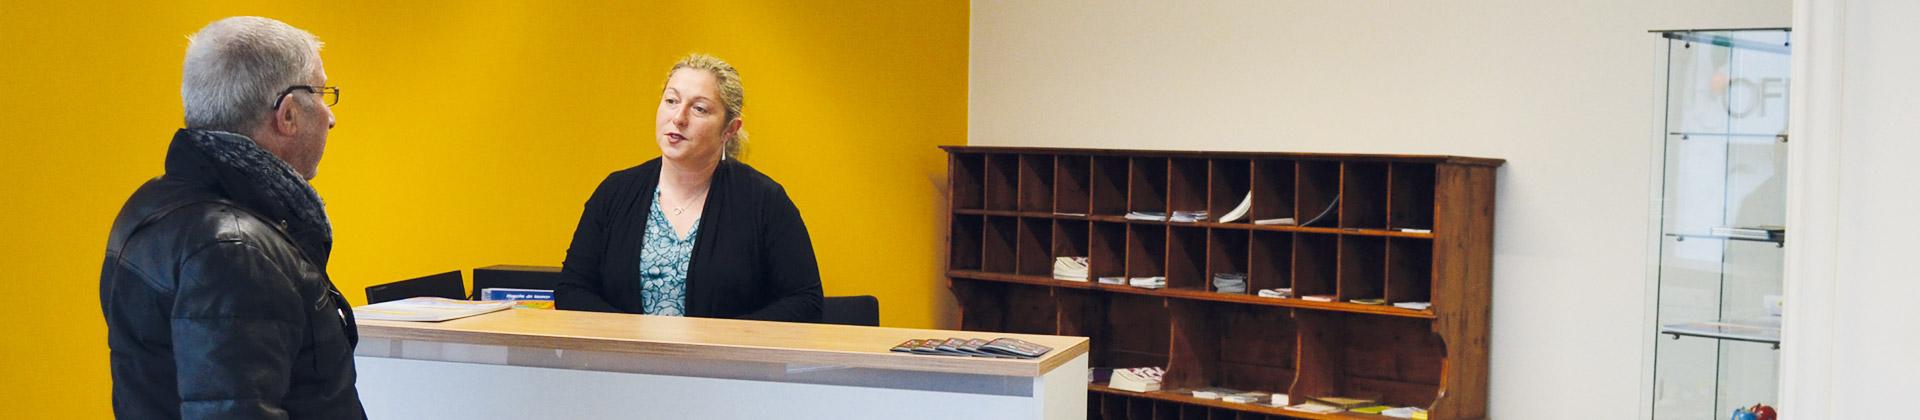 Le bureau d'information touristique de Rosporden